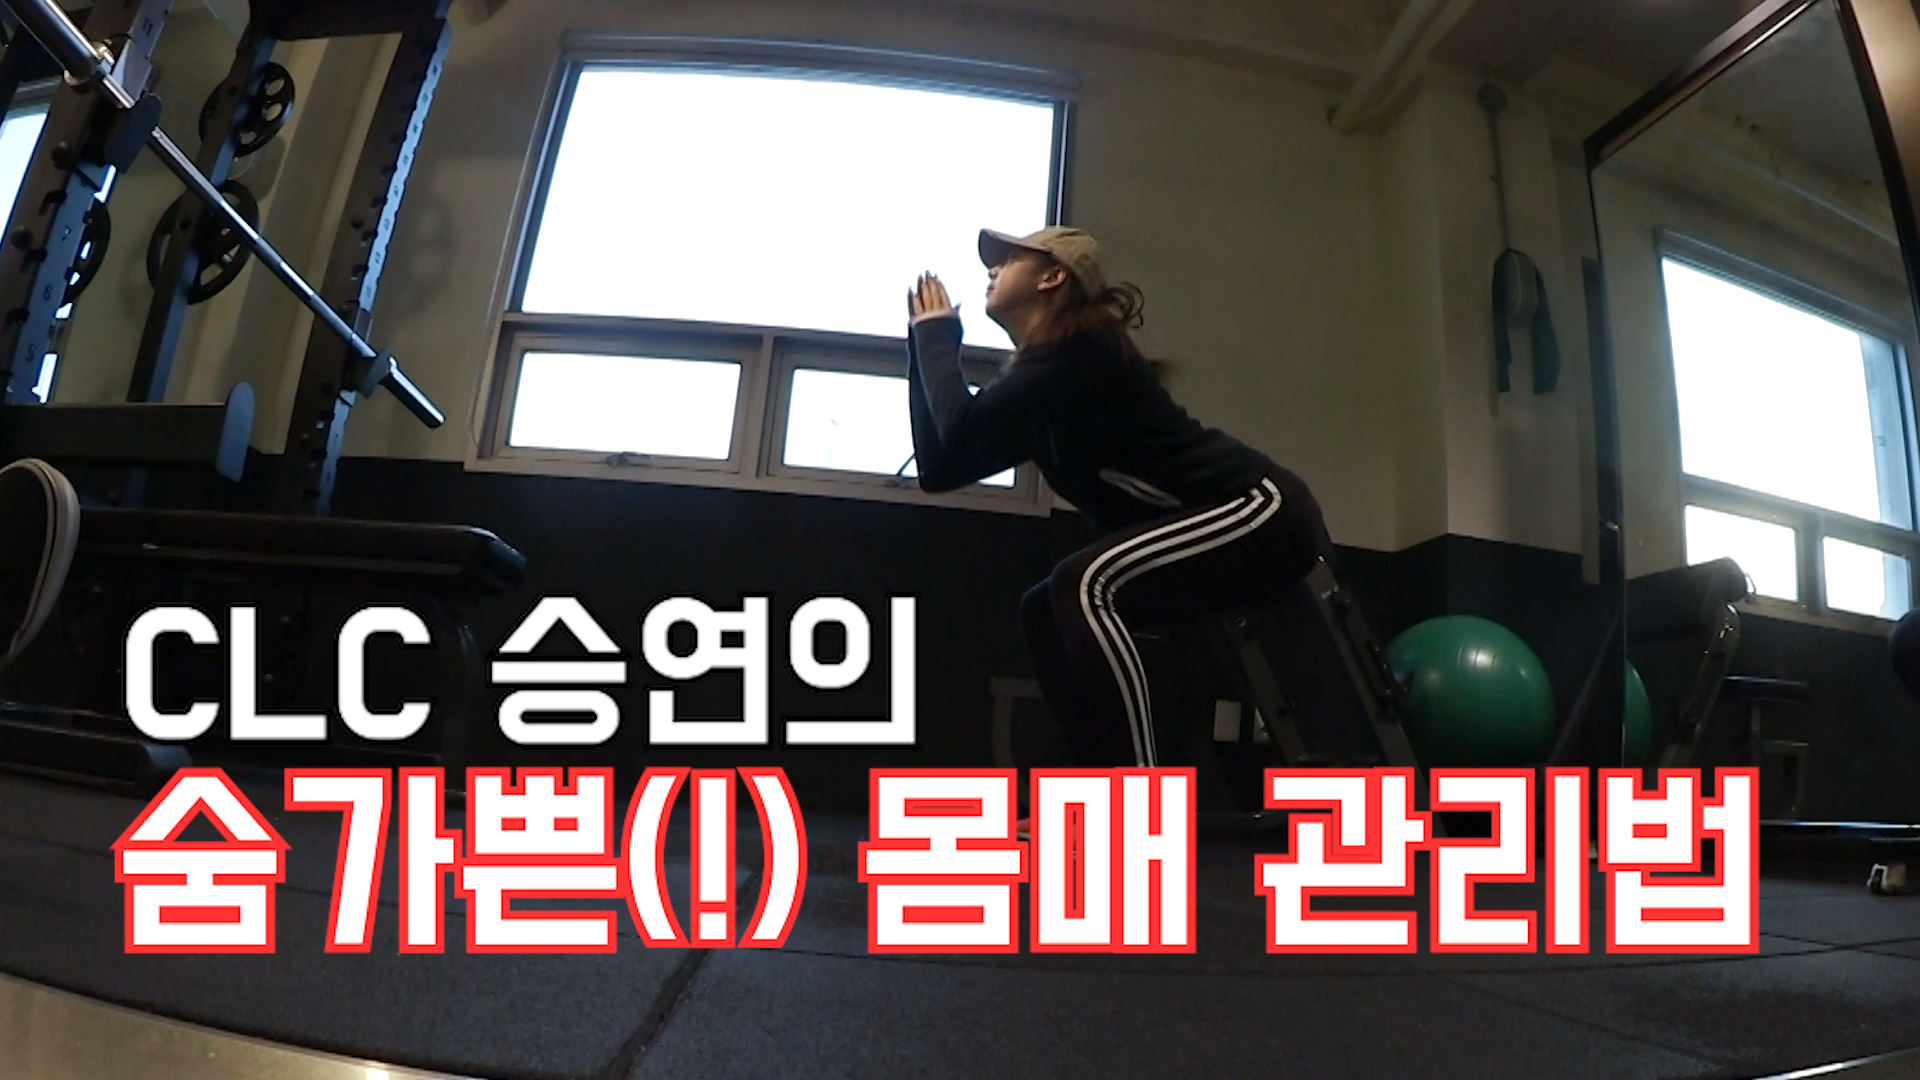 [미공개] 직캠계 비욘세 장승연의 숨가쁜(!) 몸매관리....